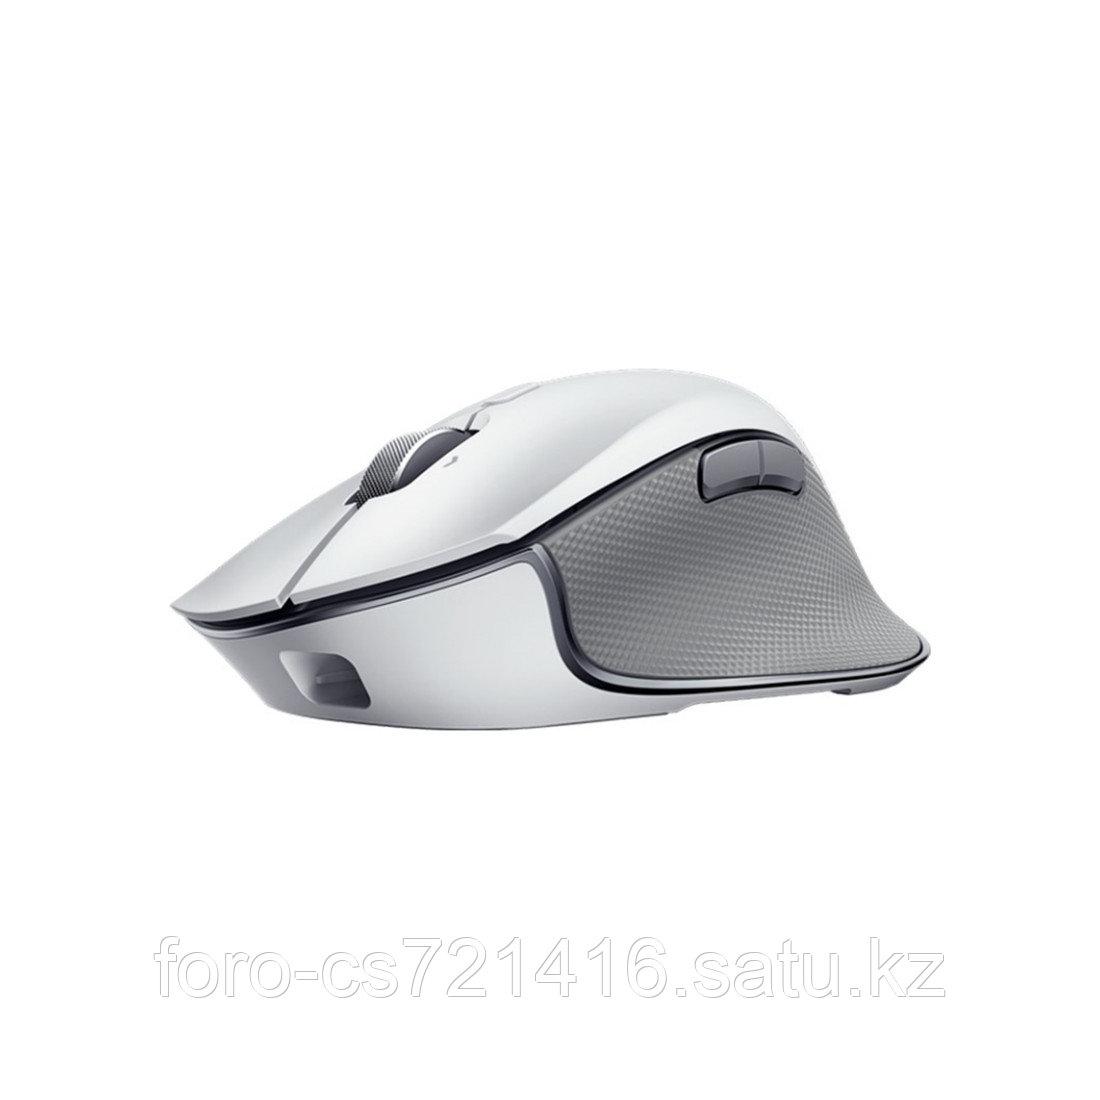 Компьютерная мышь Razer Pro Click